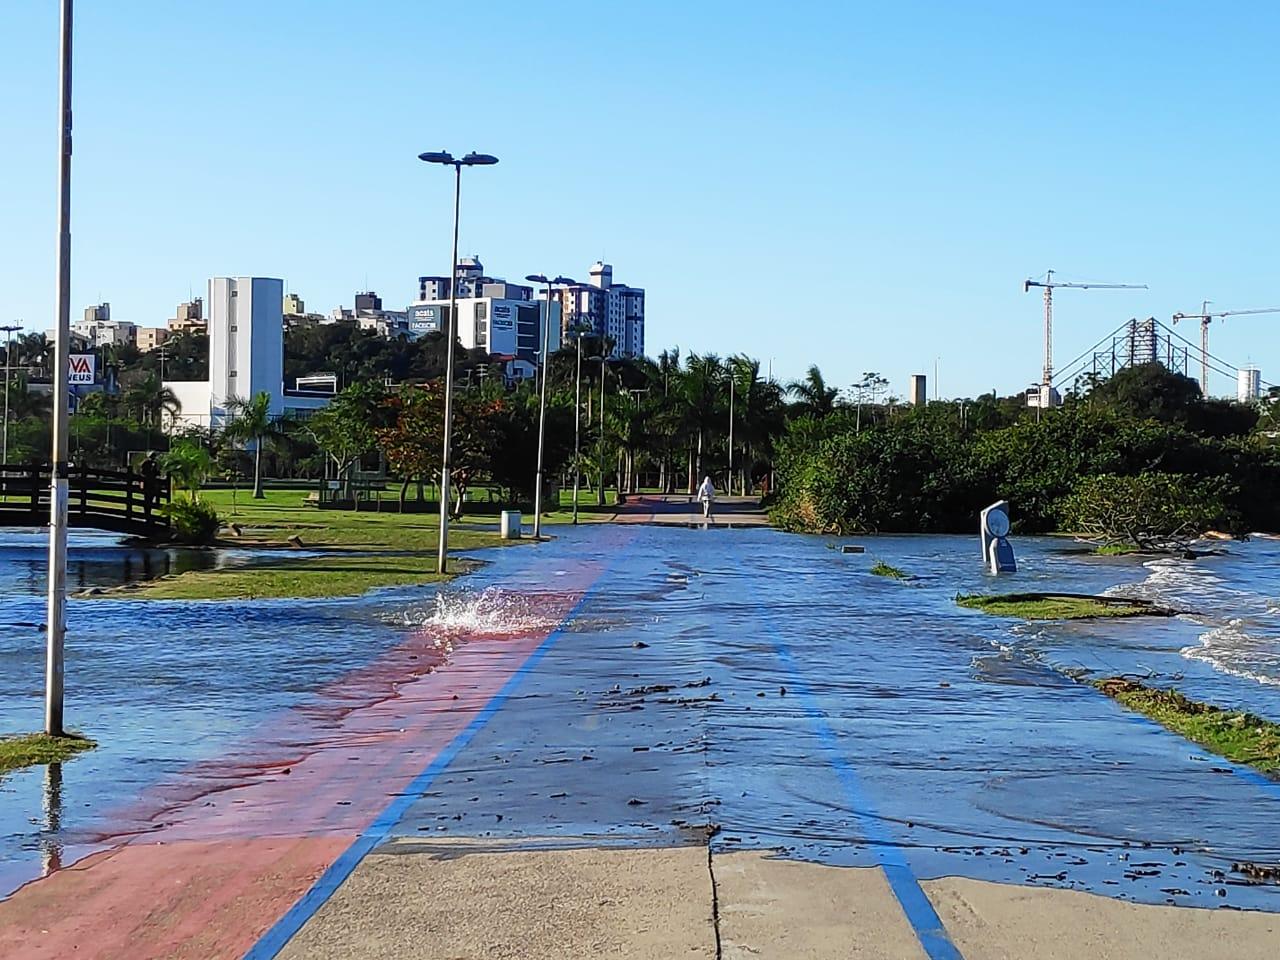 O fenômeno da maré alta voltou a inundar vias e parques em Florianópolis na tarde desta quinta-feira (4). Entre as regiões mais afetadas estão a avenida da Saudade, na região central. - Fotos: Daniel Queiroz/Divulgação